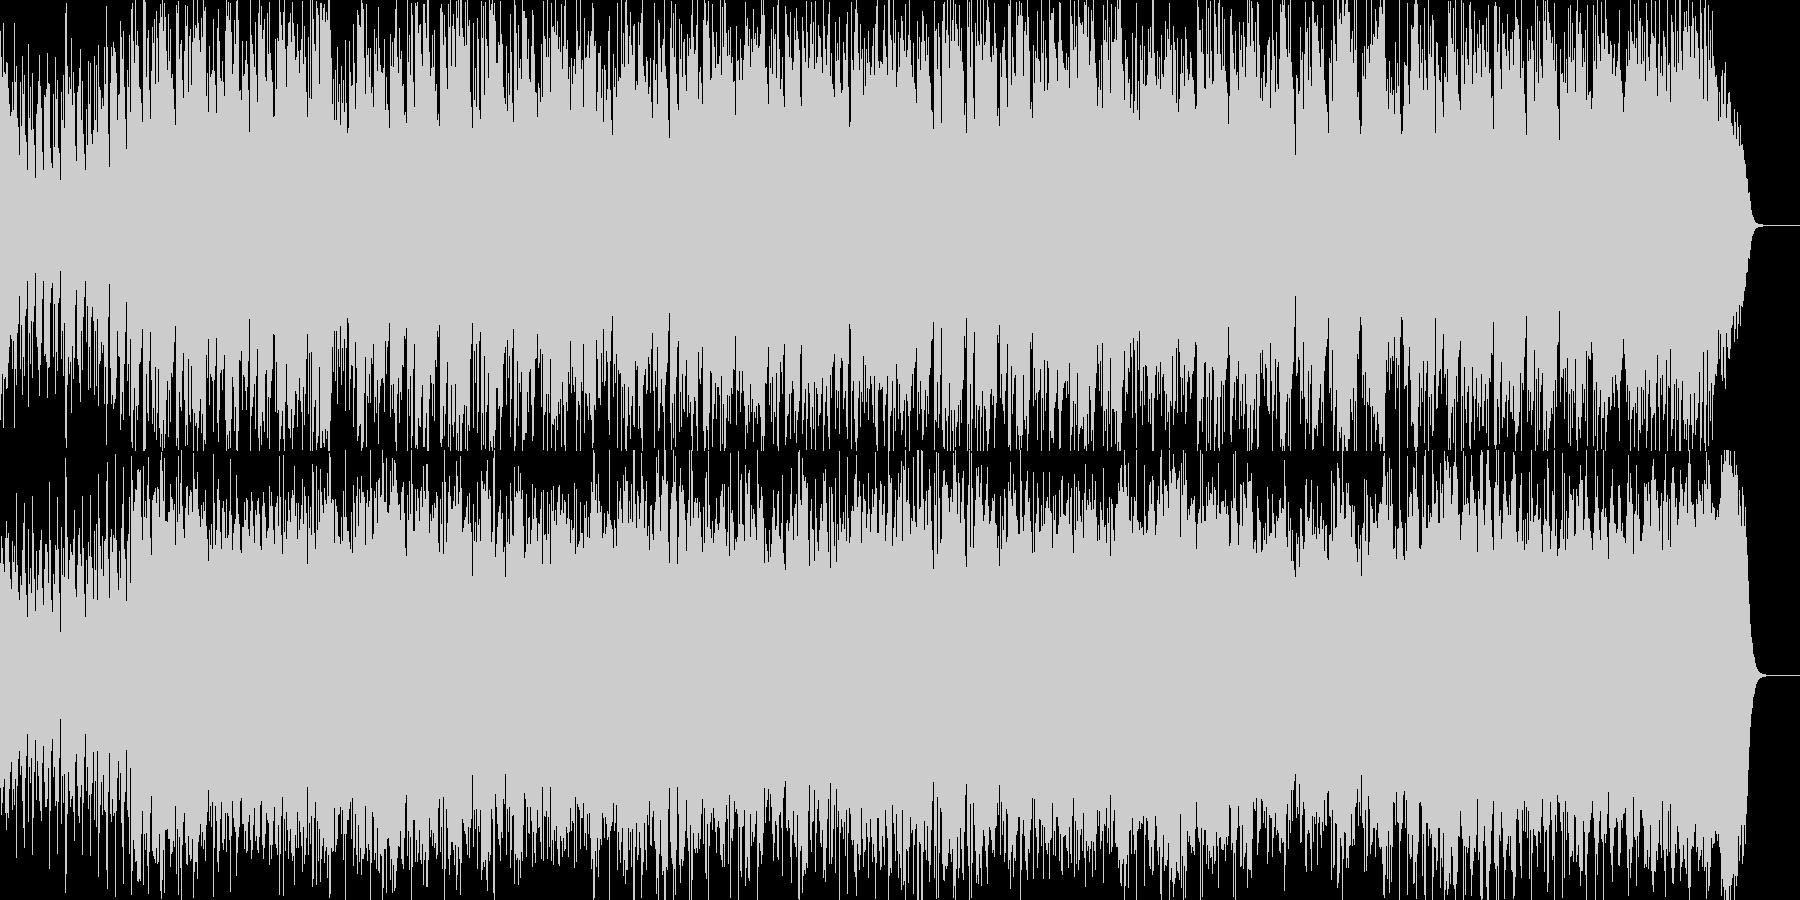 和風ロックです。ベースが響く感じです。の未再生の波形